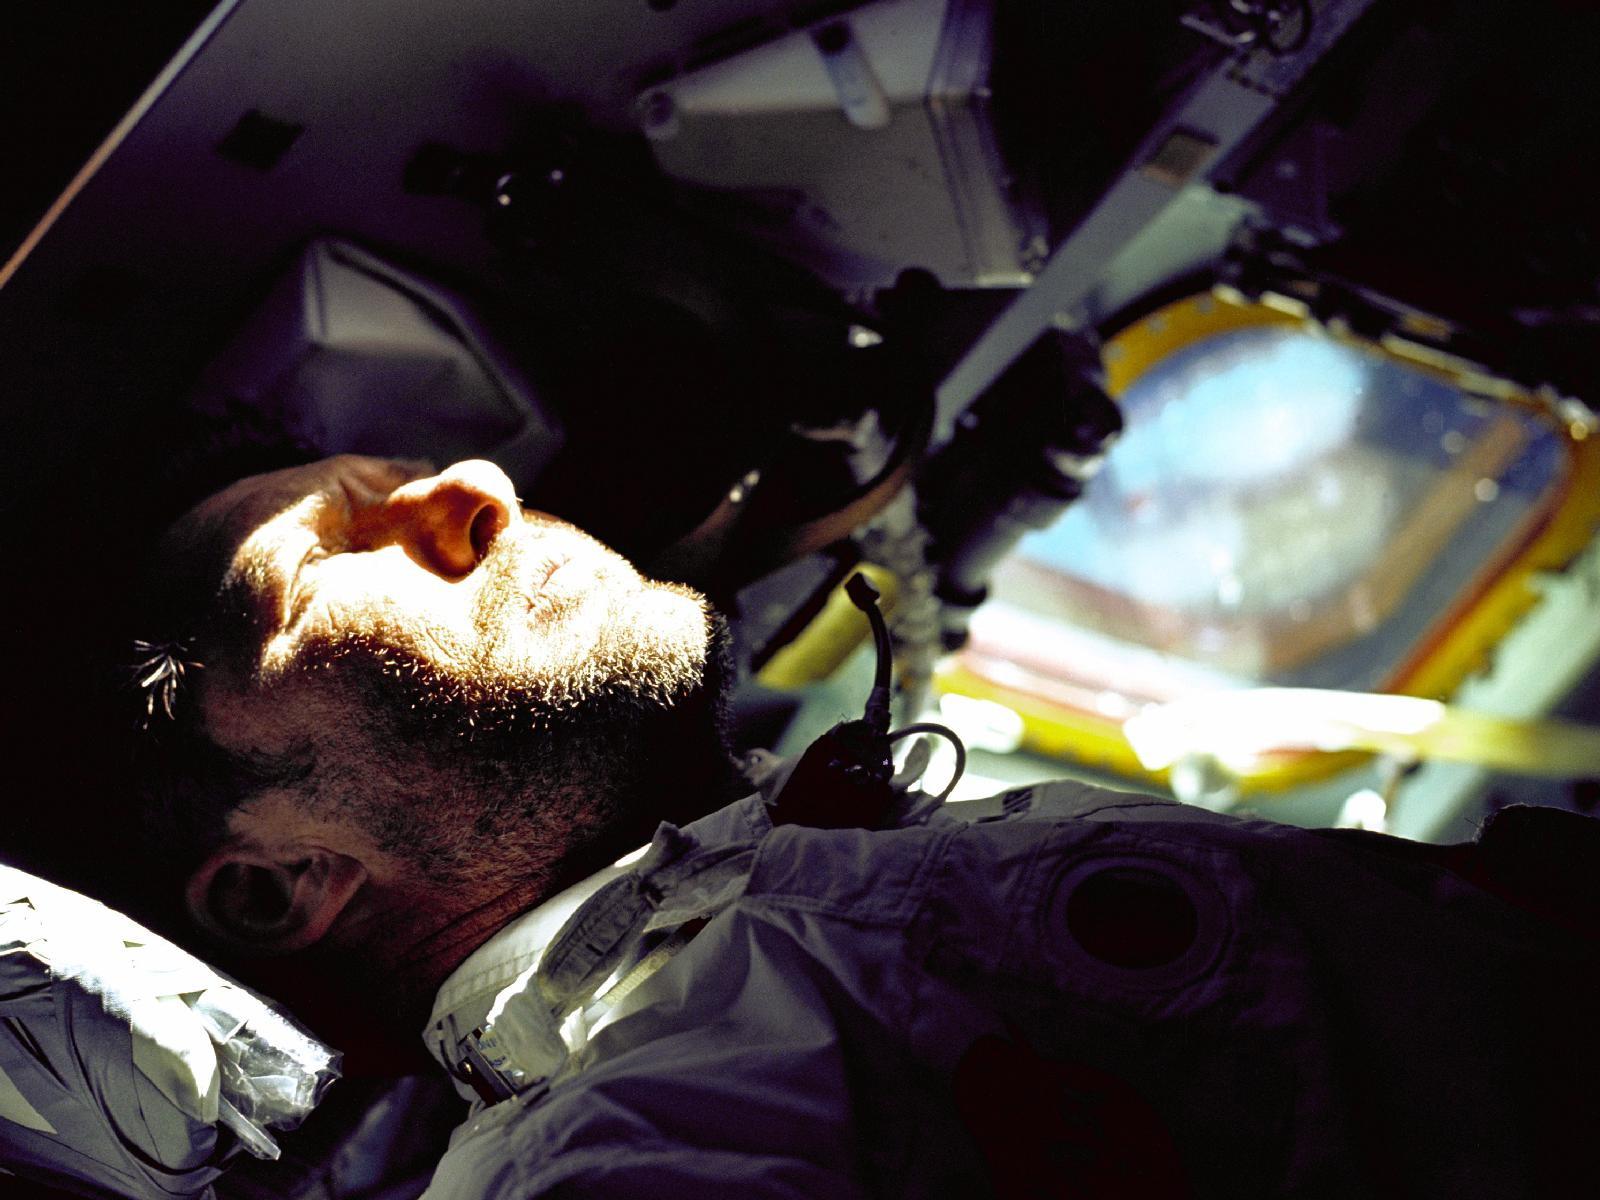 Walter Schirra Aboard Apollo 7